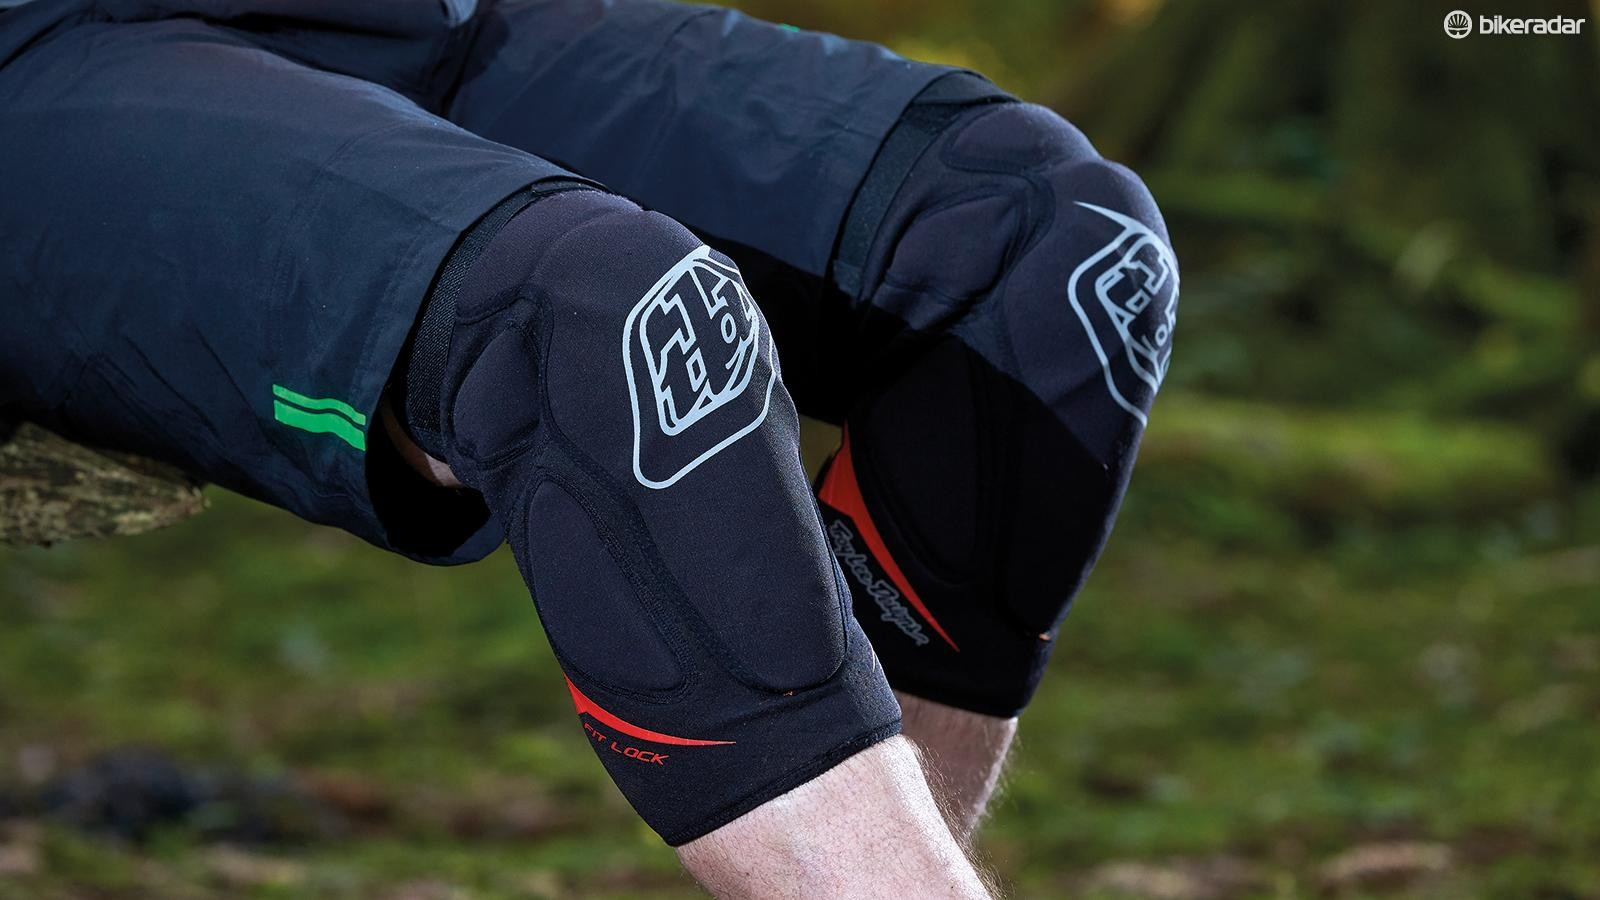 Troy Lee Designs Raid knee pads